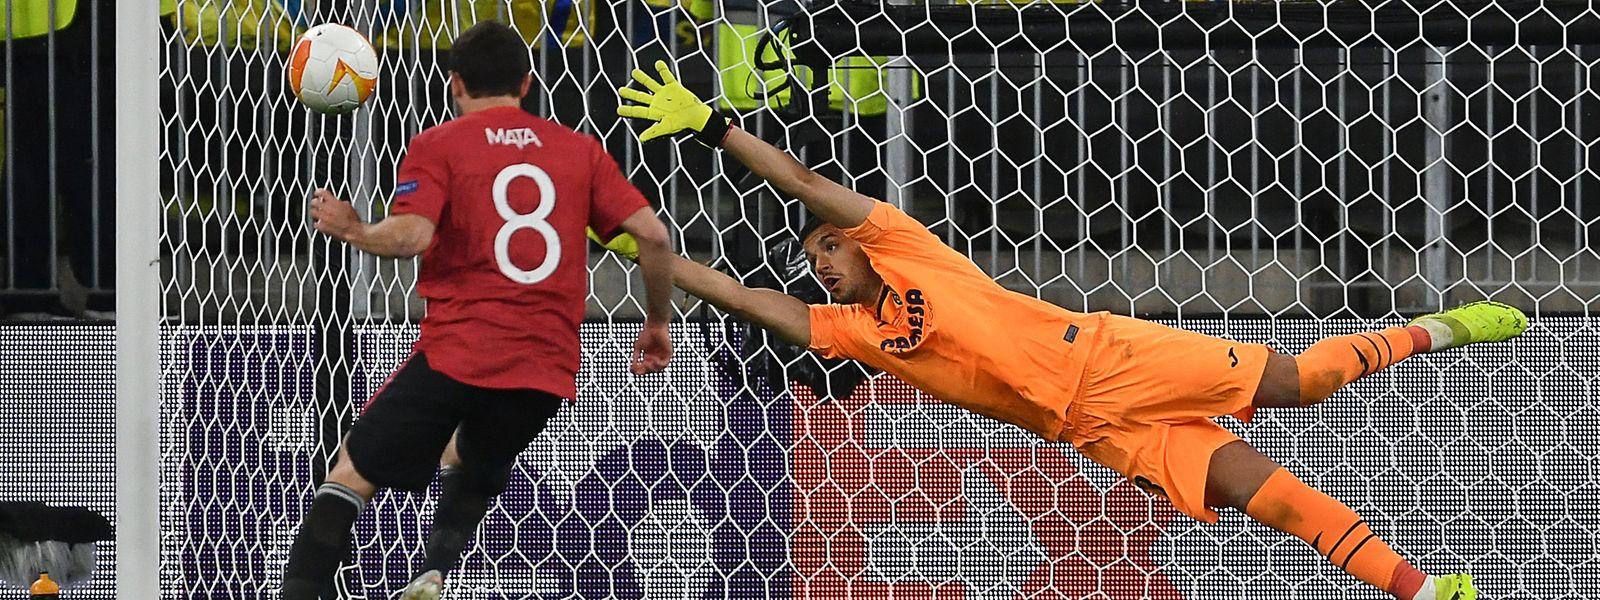 Il aura fallu vingt-et-un tirs au but pour qu'enfin les deux équipes se départagent. Avantage aux Espagnols face aux Britanniques.